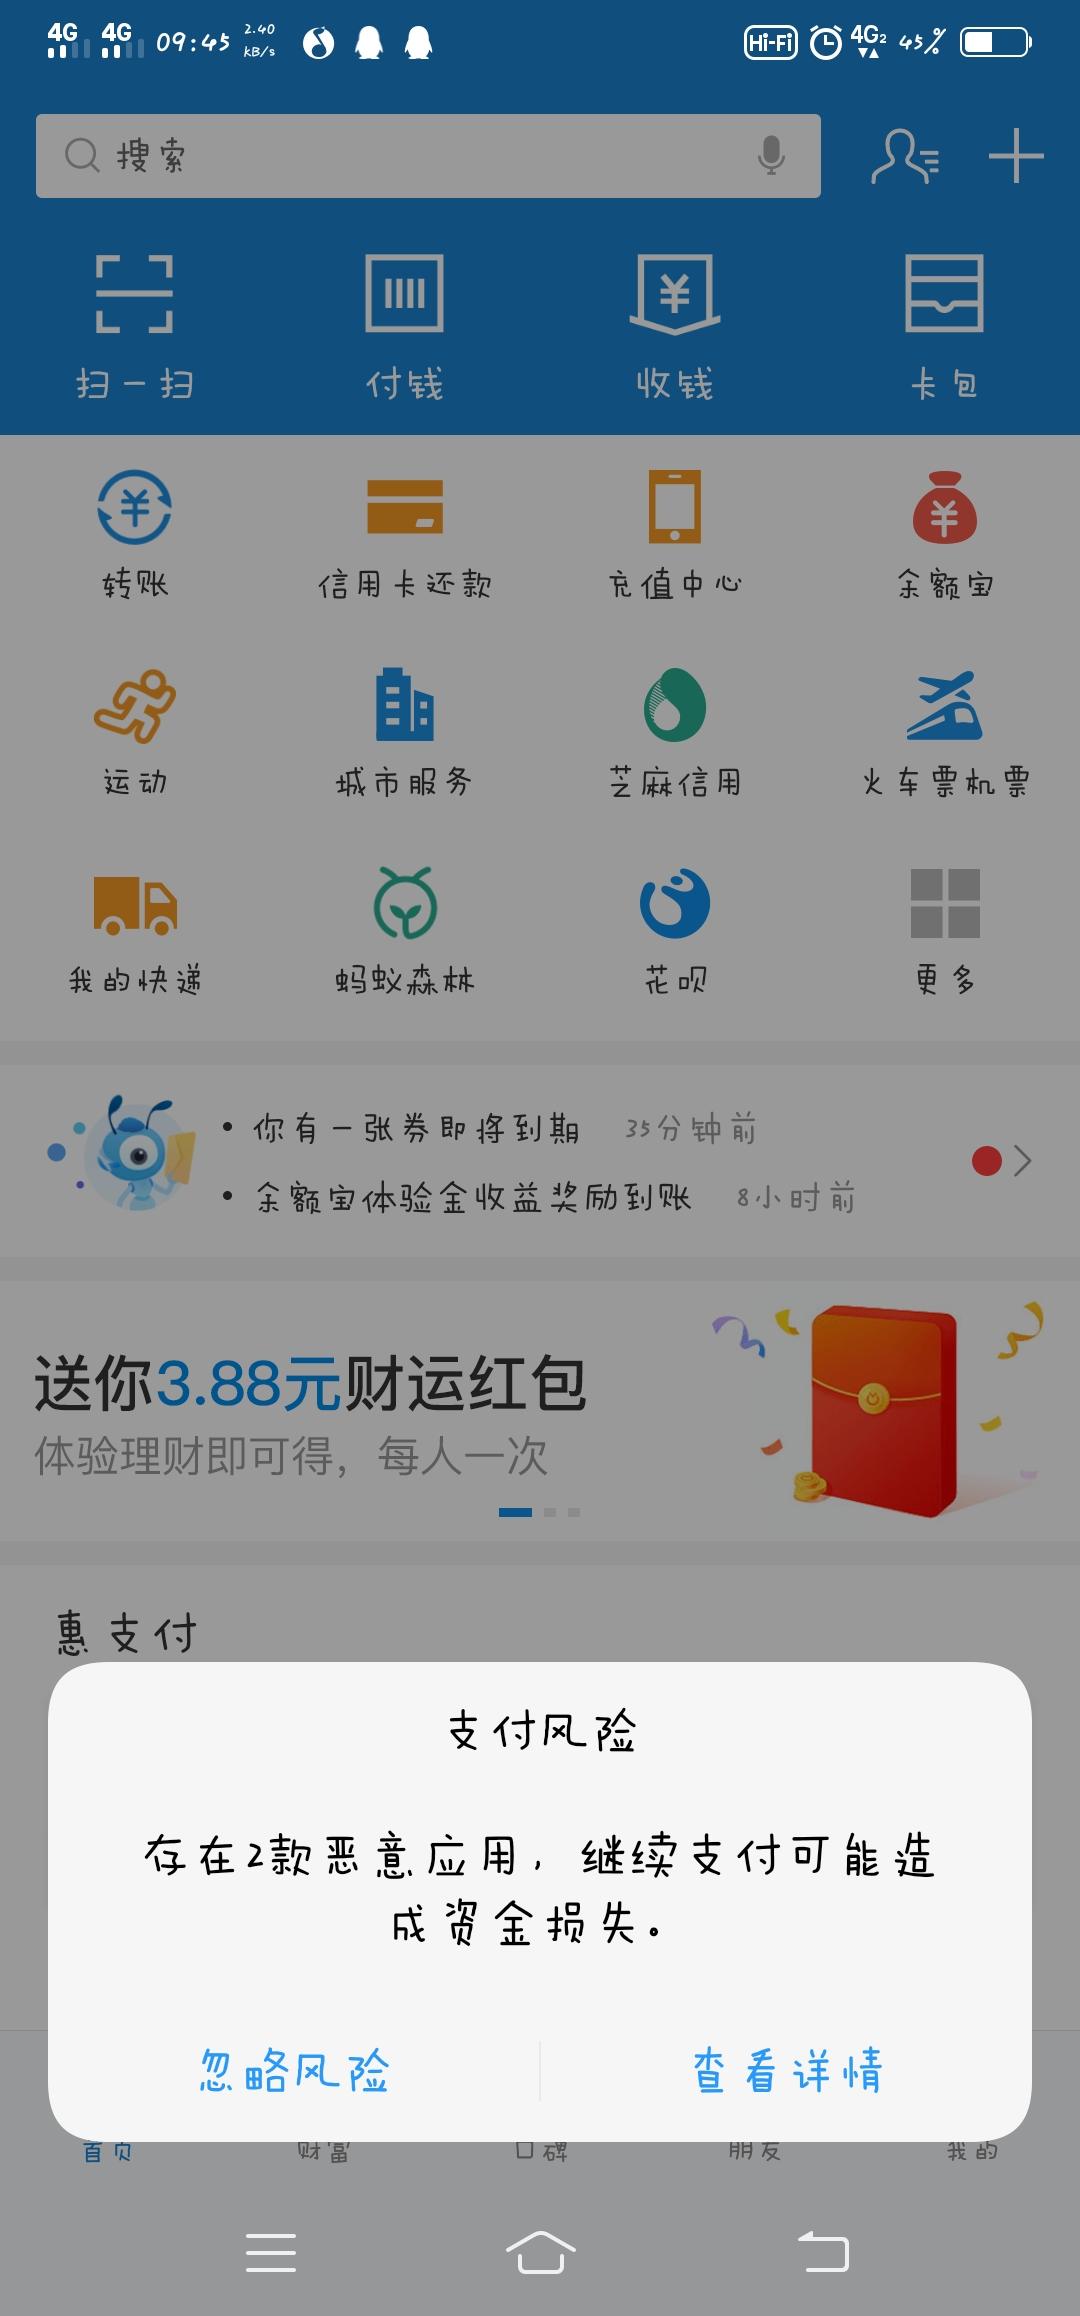 Screenshot_20190523_094559.jpg